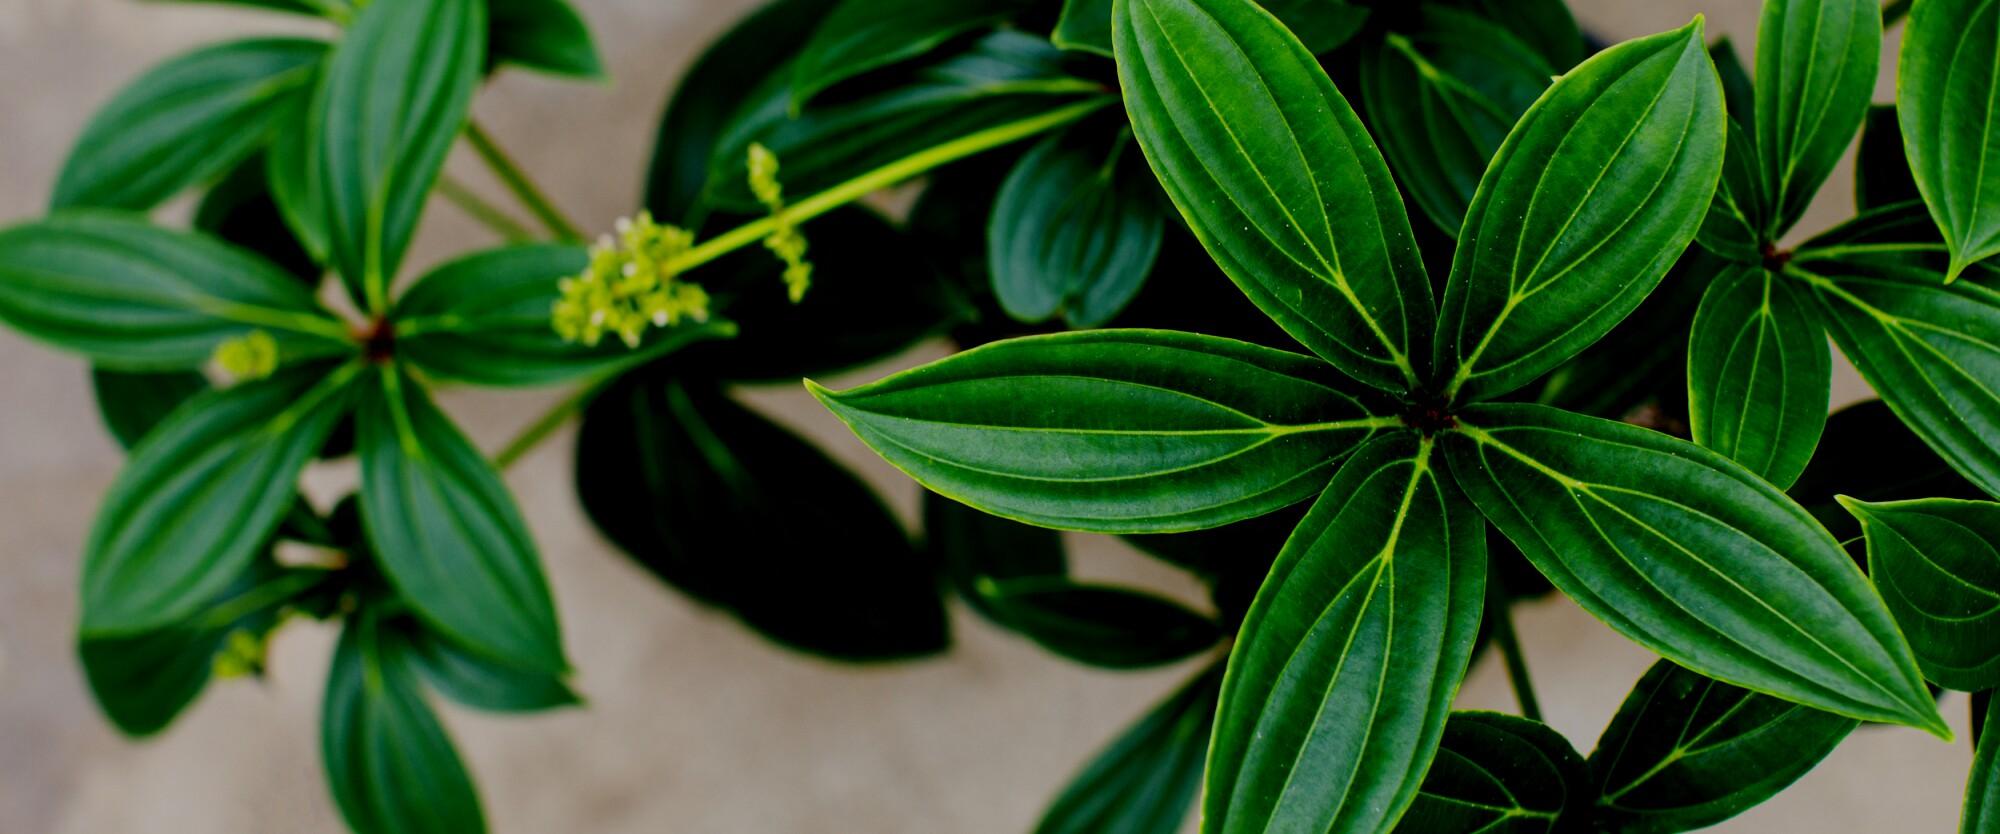 Woodinville Greenhouse - Amazon Spheres Plants